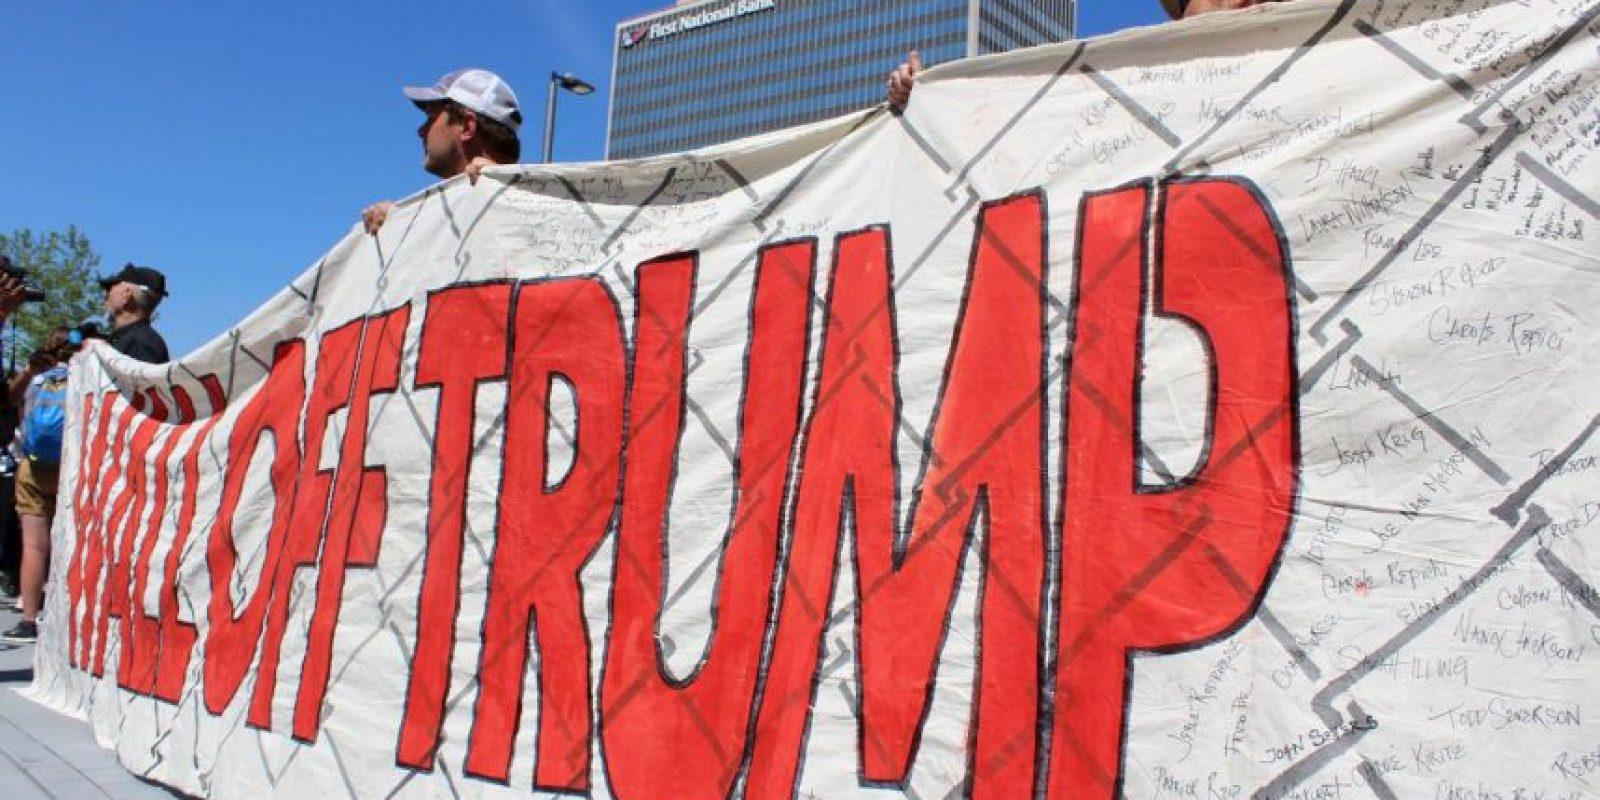 Durante la tarde, la protesta se tornó violenta, en opinión de las autoridades, cuando los manifestantes quemaron una bandera.